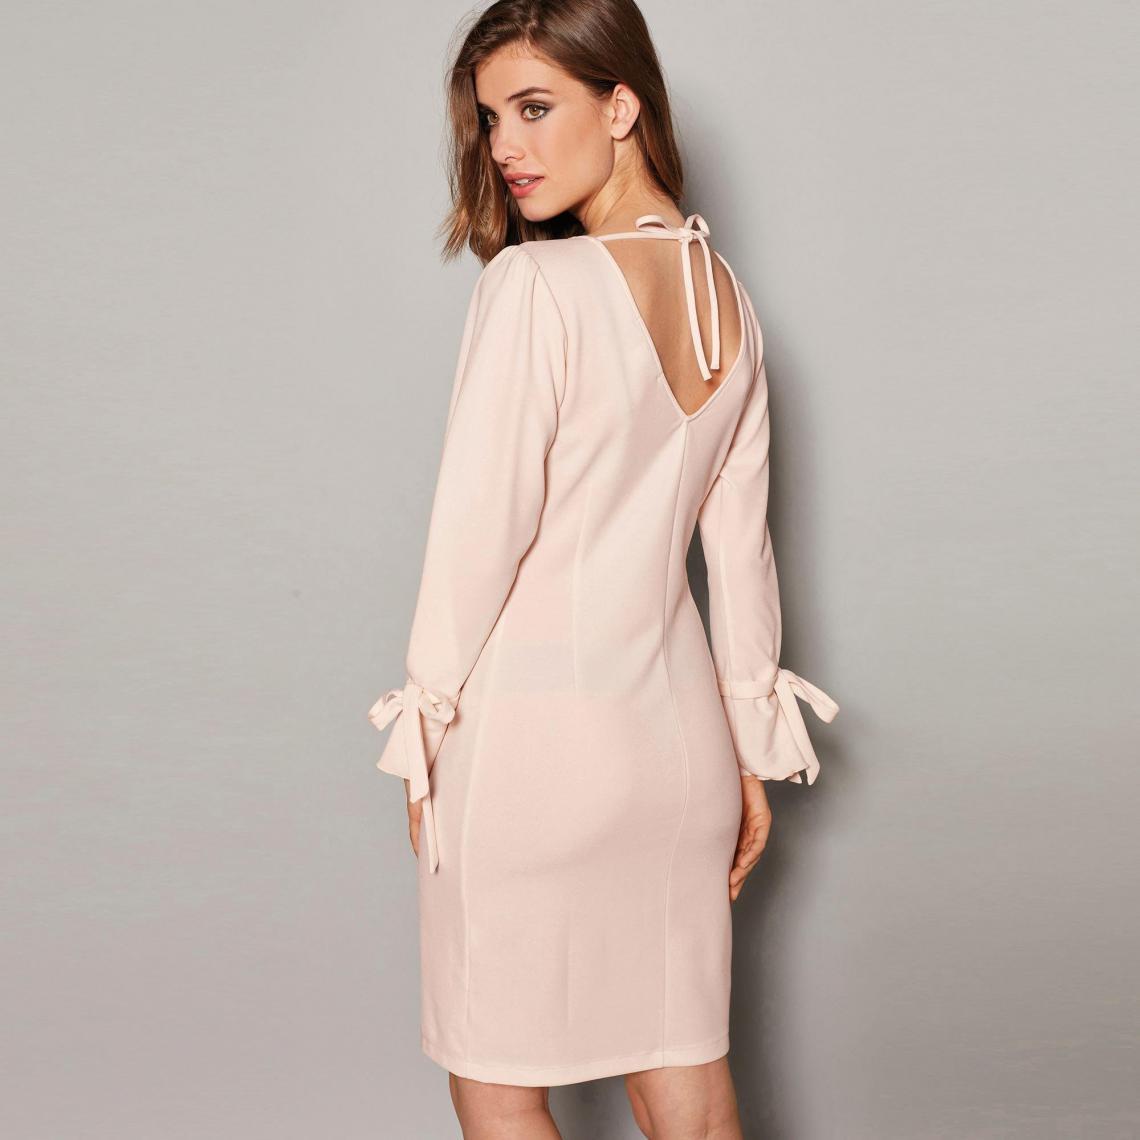 Manches Nouer Longues V À Dos Suisses En Rose3 Robe Femme OymnwN80v